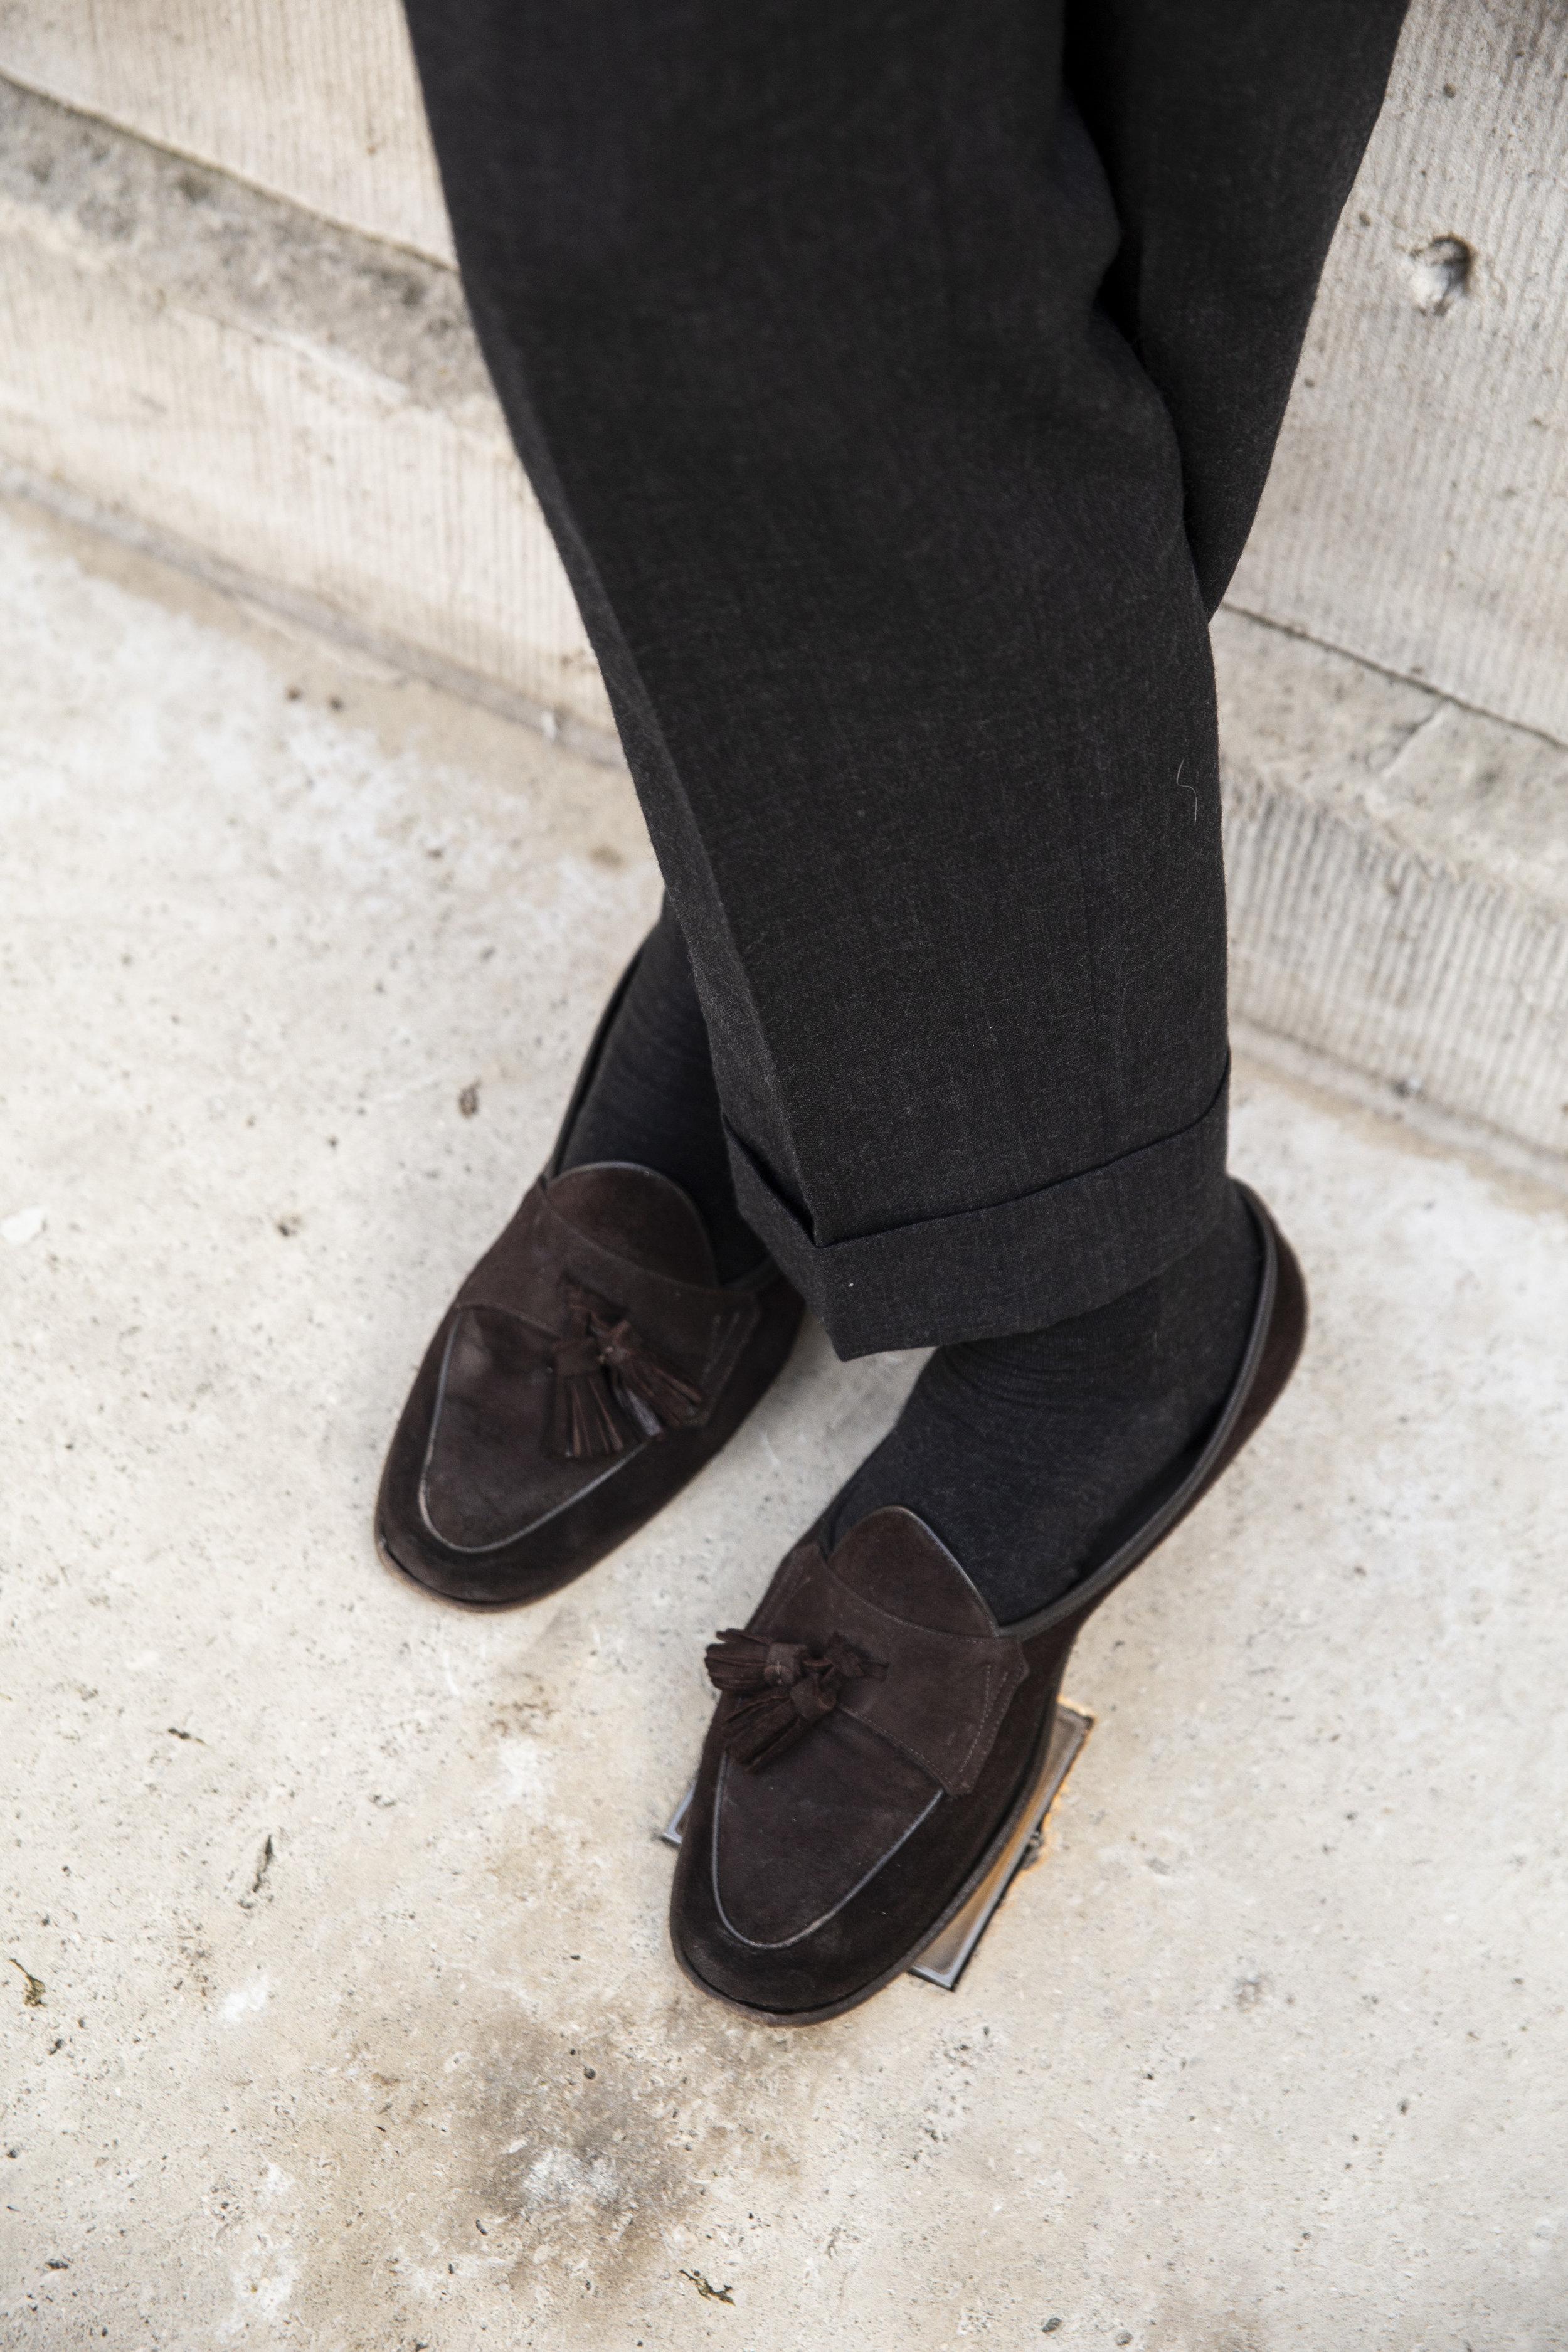 Grosvenor Trouser - bespoke 60% Wool 40% Mohair Grey